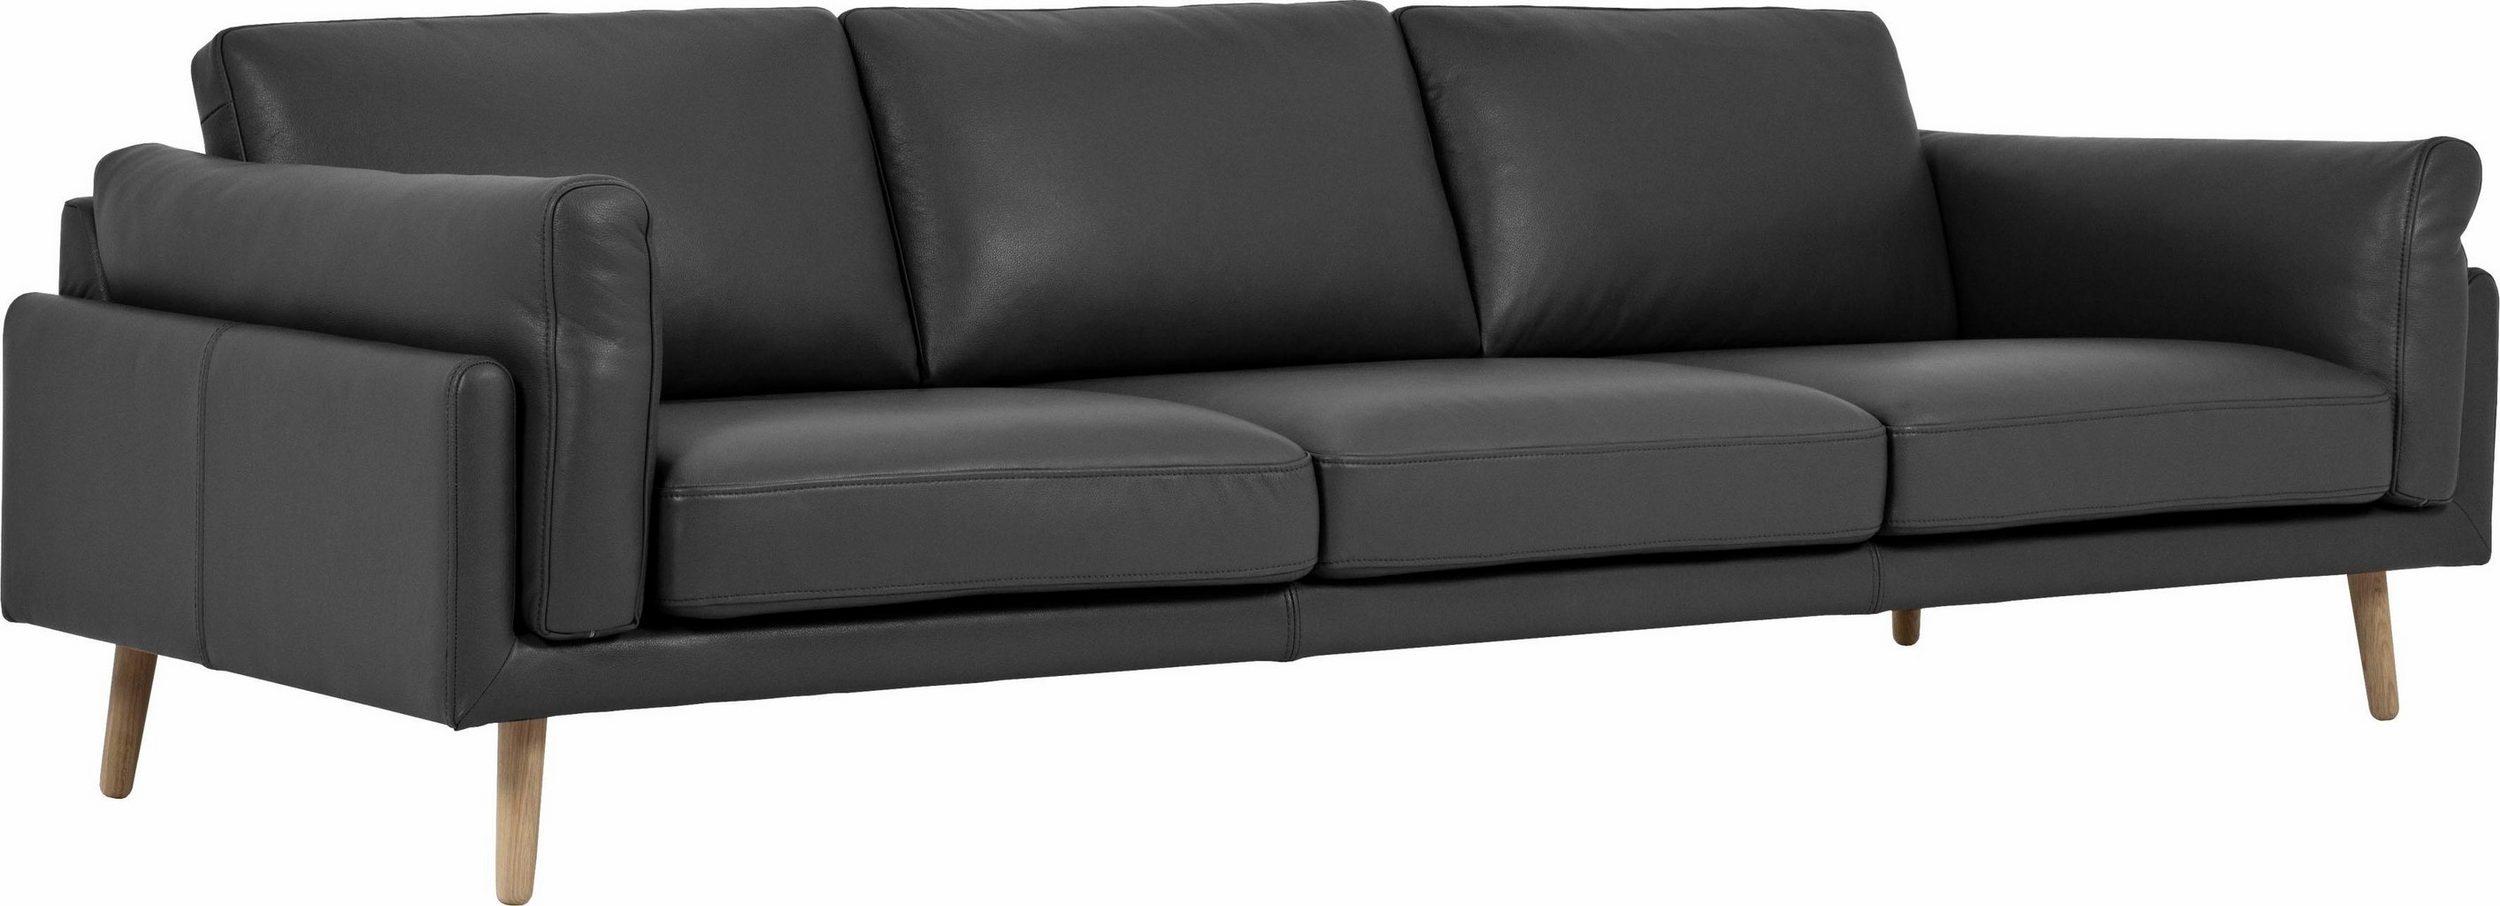 Full Size of And The 3 Seater Hulsta Sofa Leather Fauleather Sofas Kare Landhaus Lounge Garten Mit Schlaffunktion Kaufen Günstig Impressionen Jugendzimmer Rundes Vitra 3er Sofa Hülsta Sofa